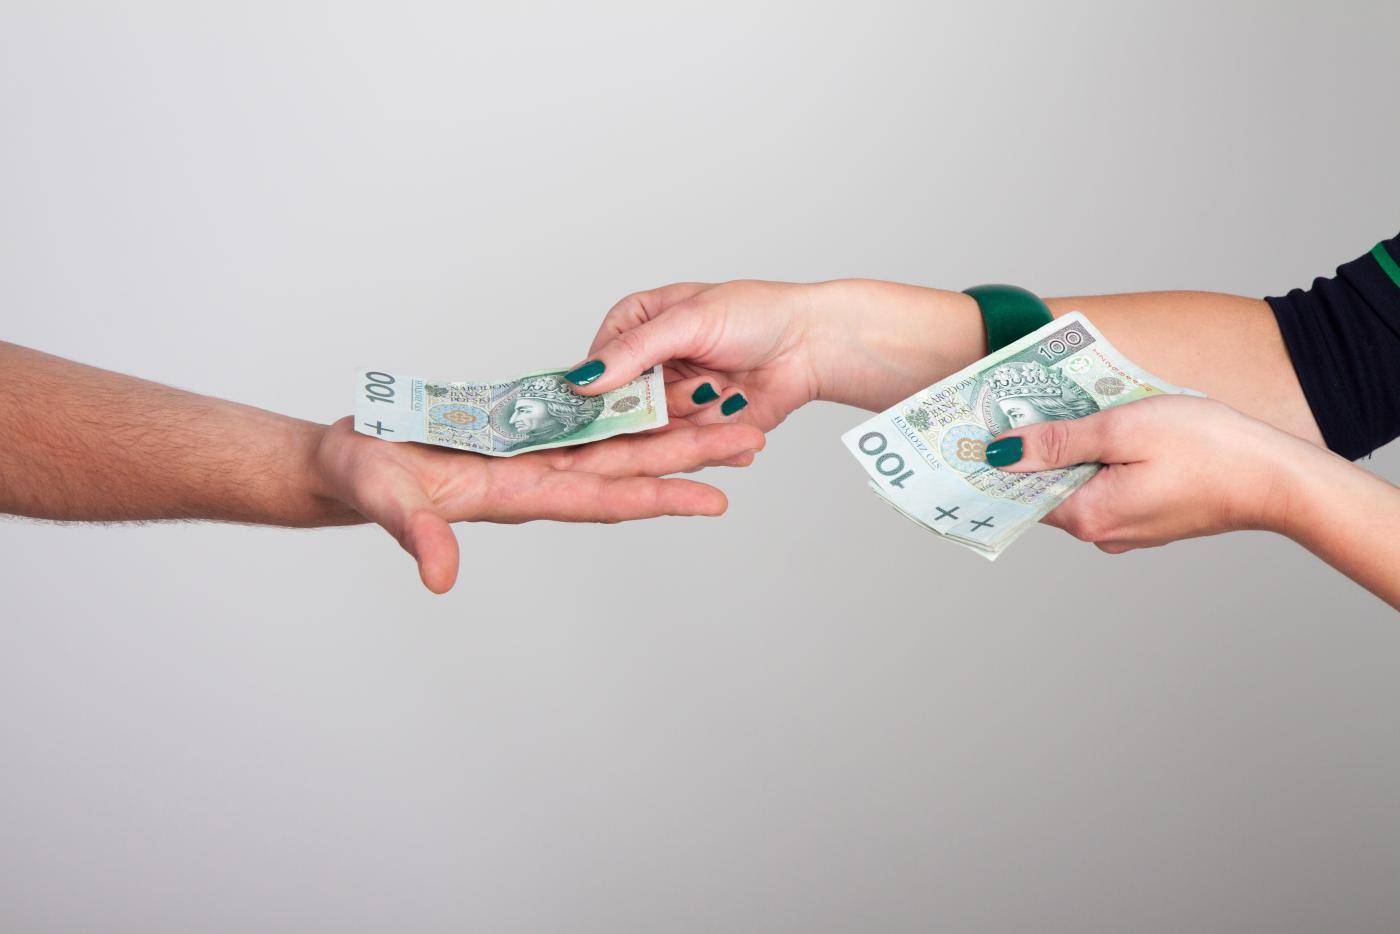 Darmowe szybkie pożyczki - kiedy można z nich skorzystać?